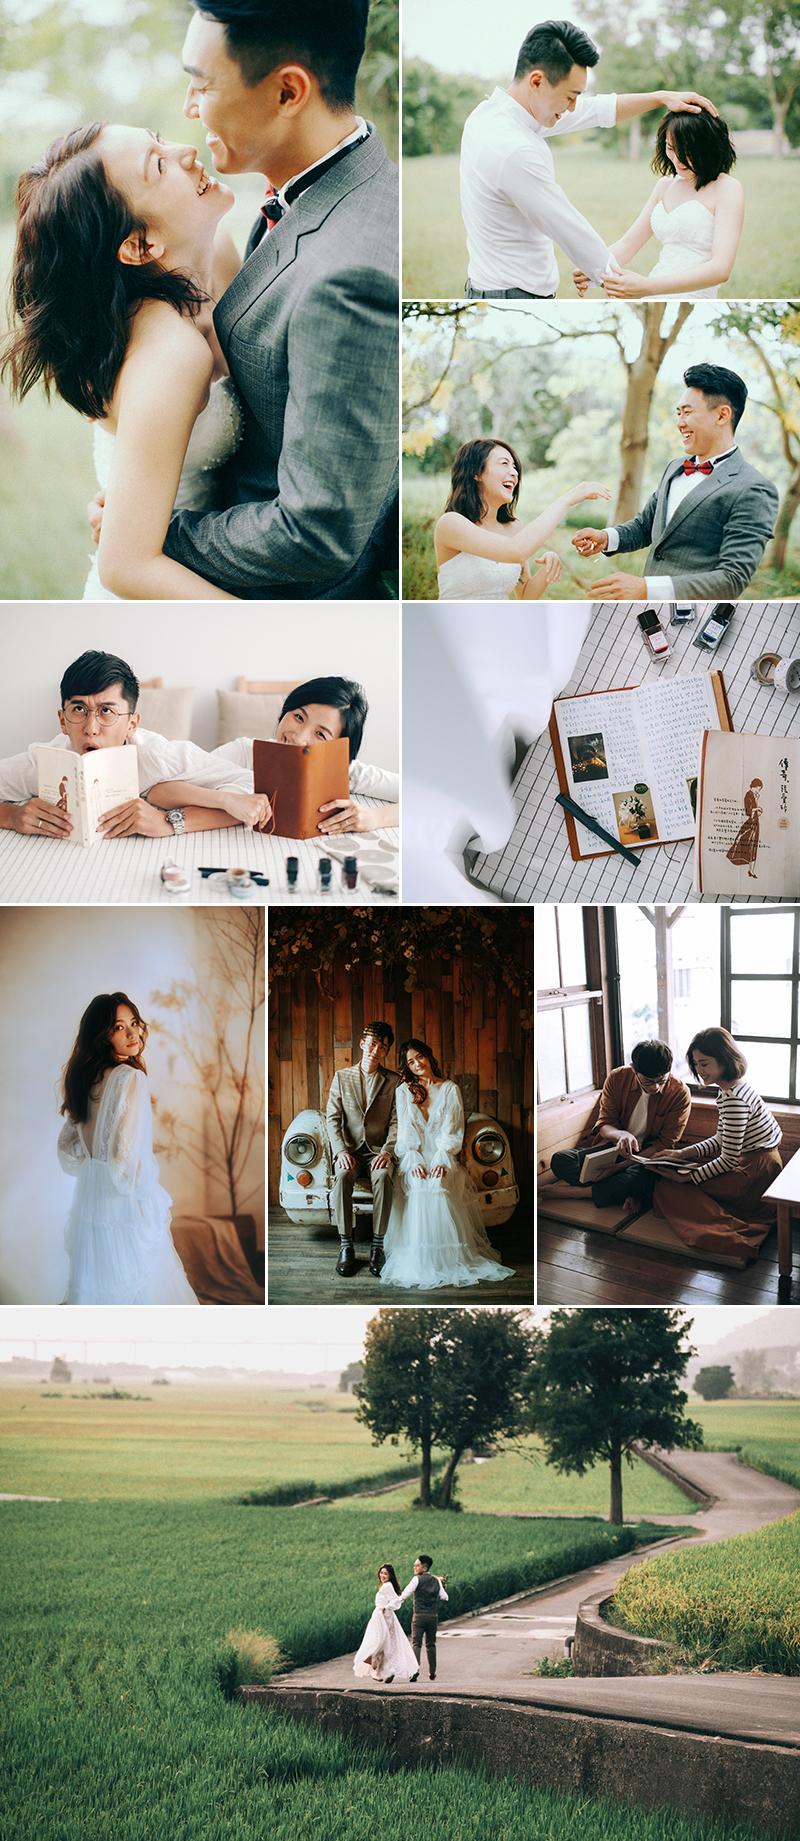 婚紗婚禮包套優惠